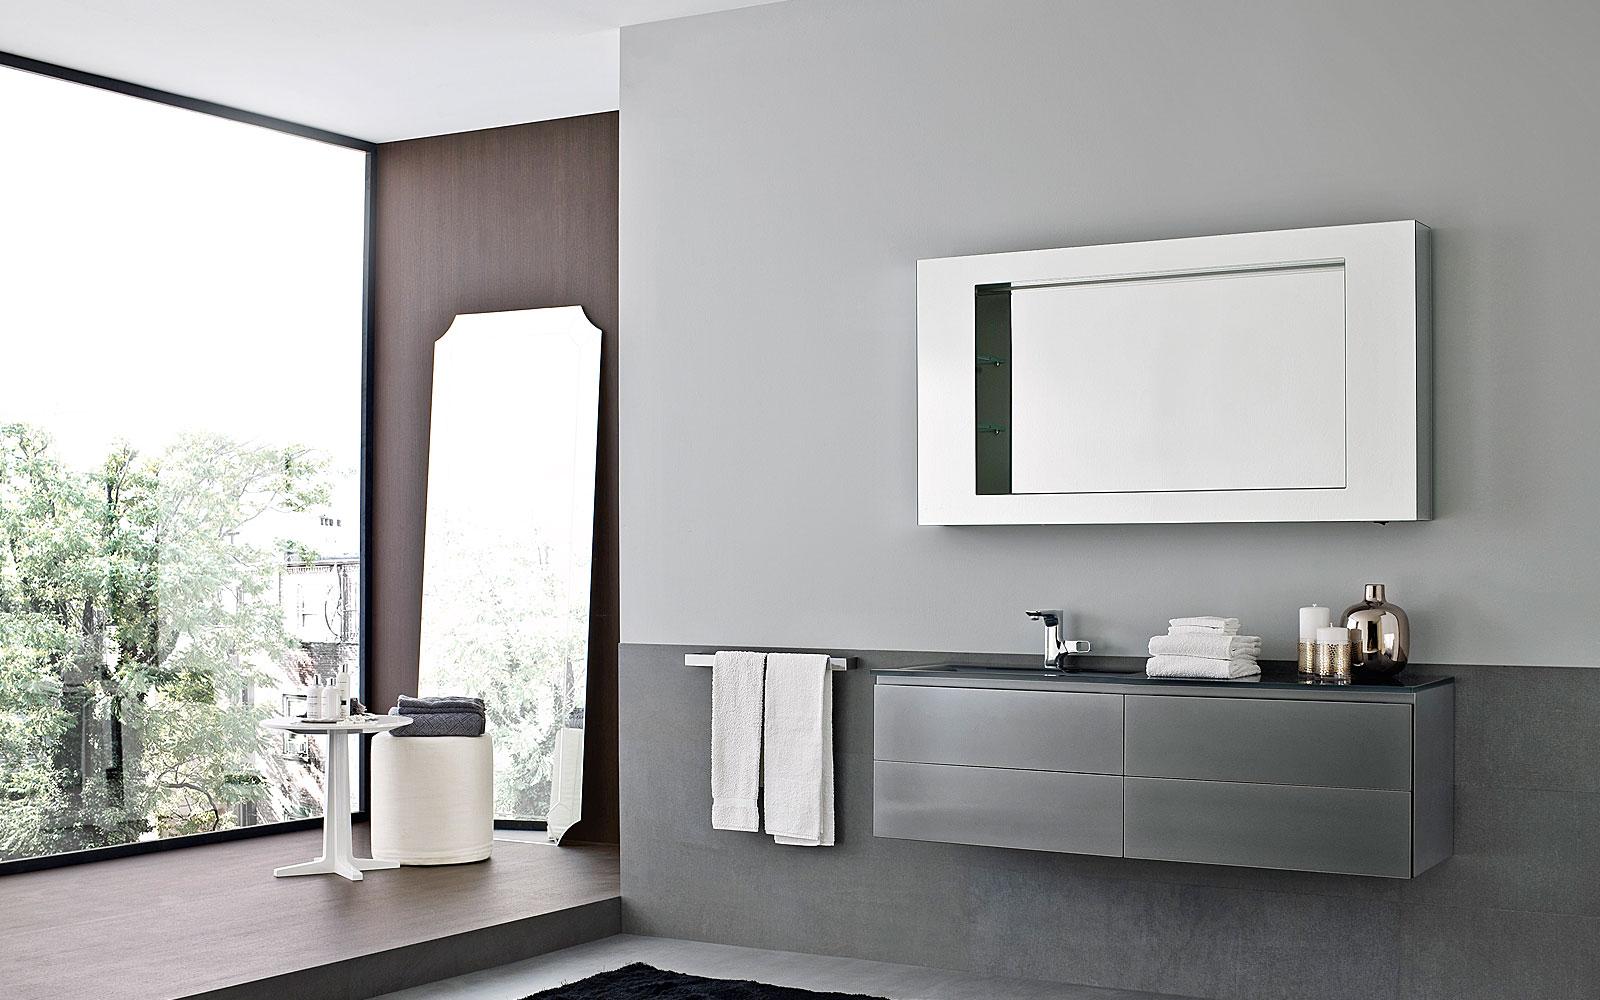 wohnraum gestaltung nutzen sie ihren wohnraum so dass er. Black Bedroom Furniture Sets. Home Design Ideas